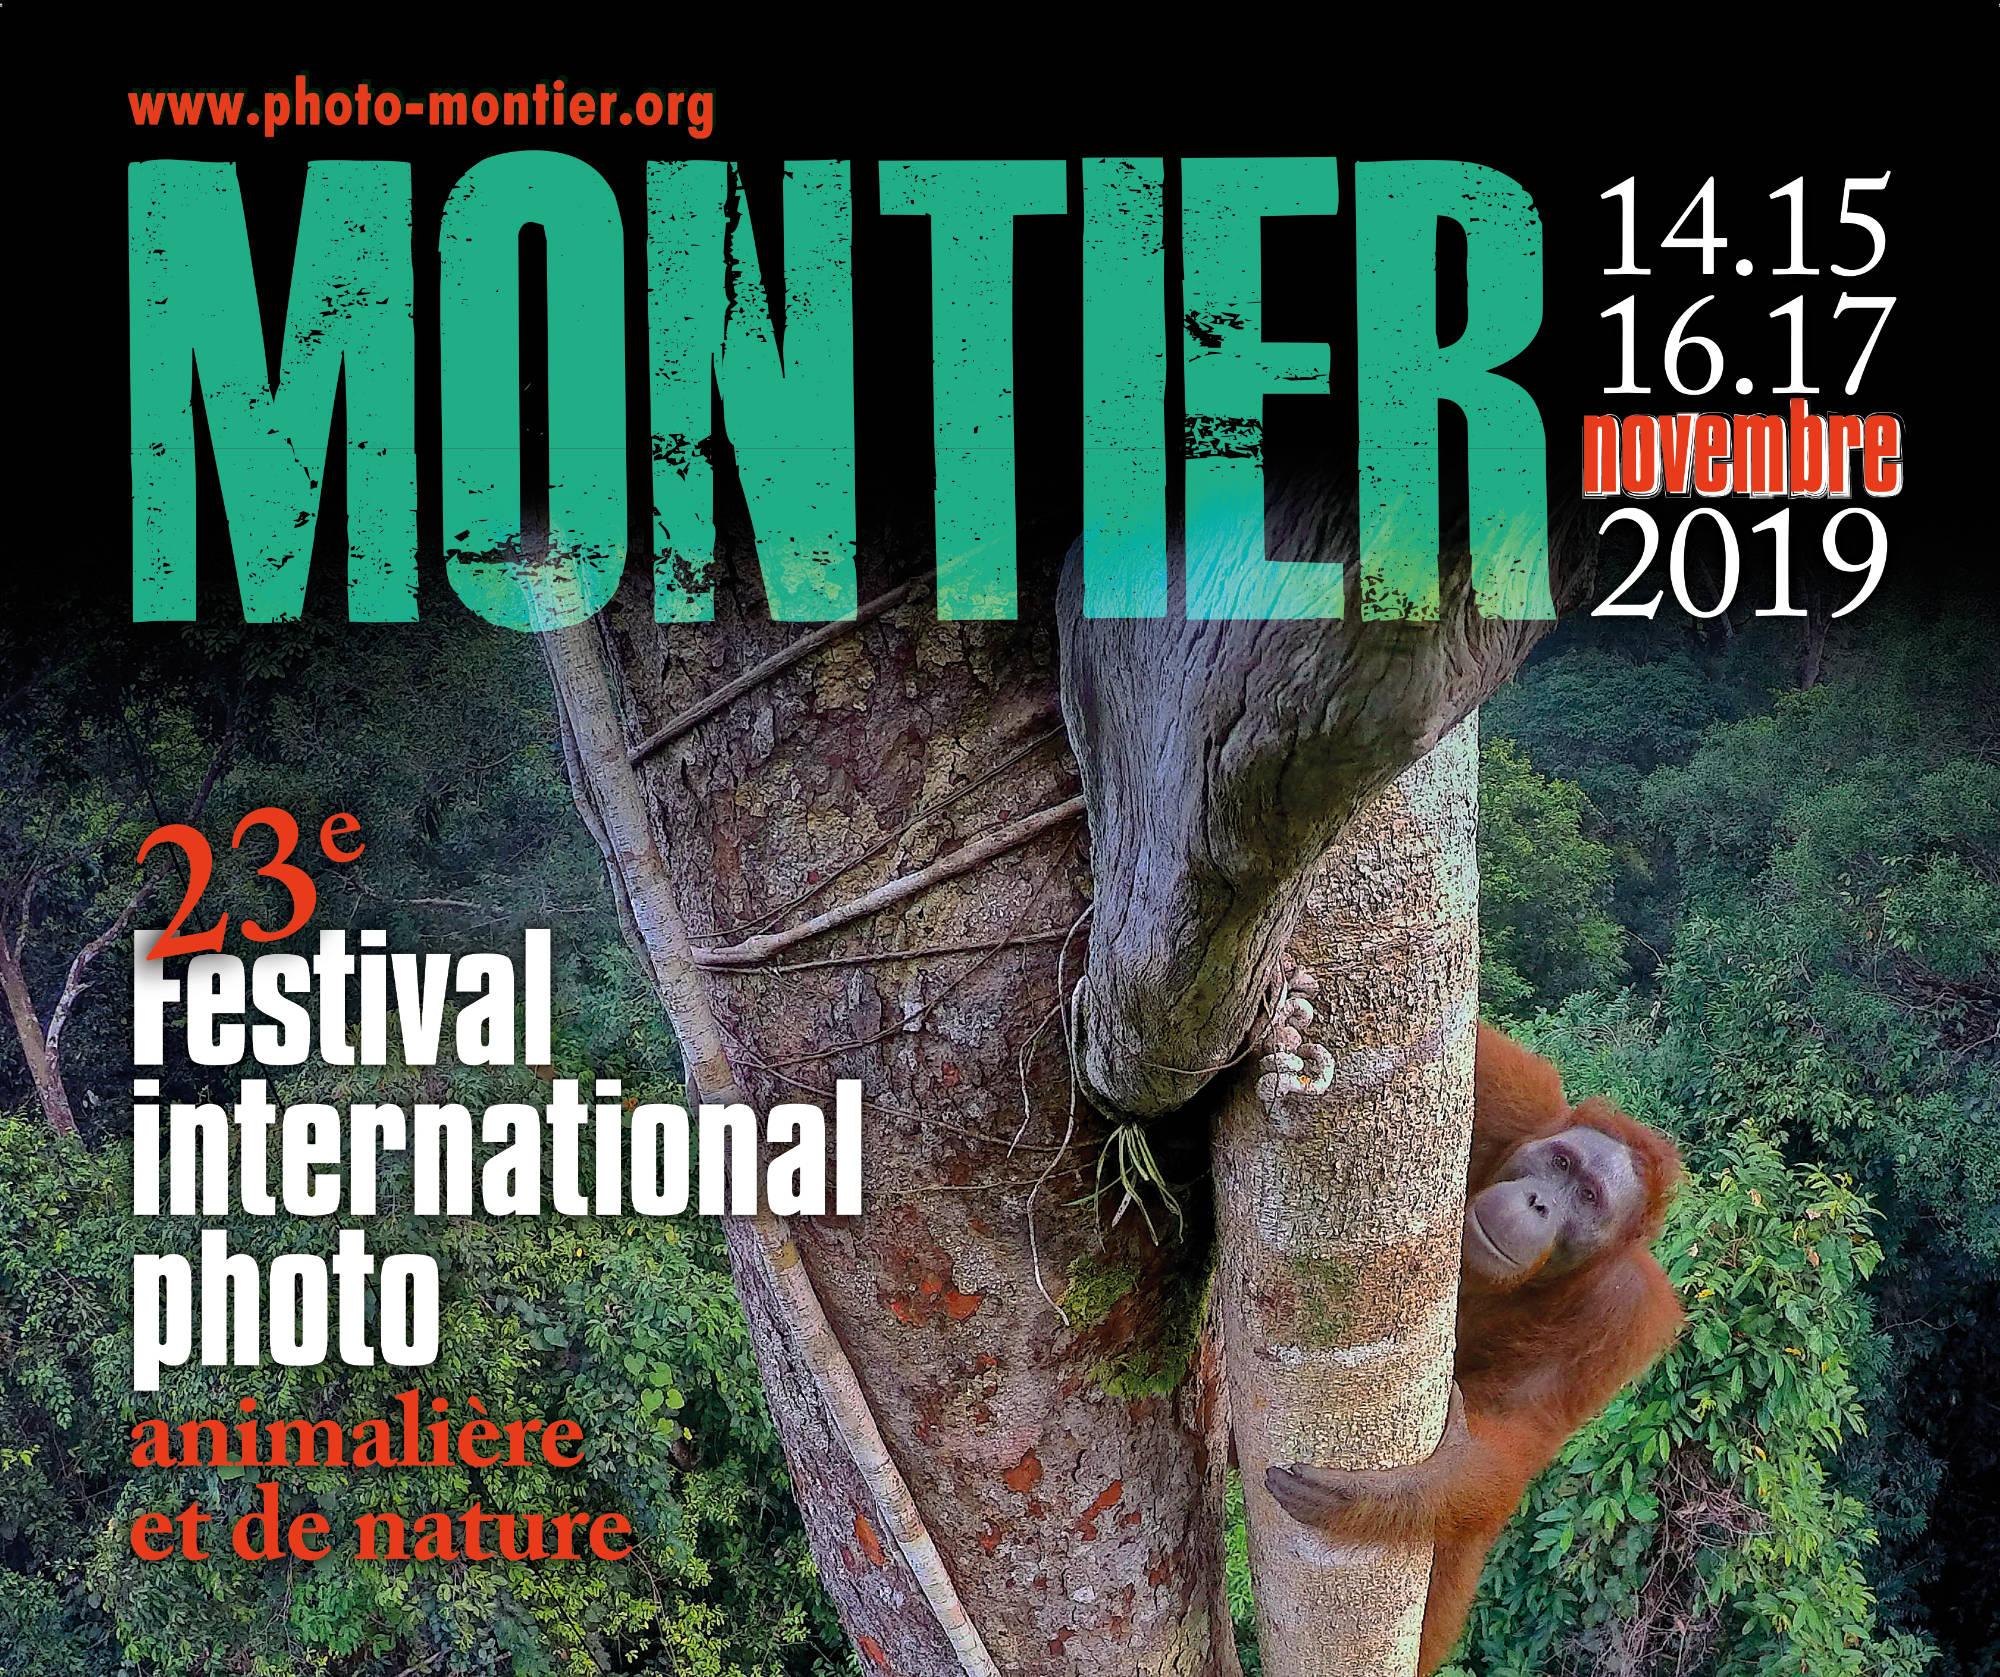 23ème édition du Festival Montier en Der : Le rendez-vous incontournable de la photographie animalière et de nature